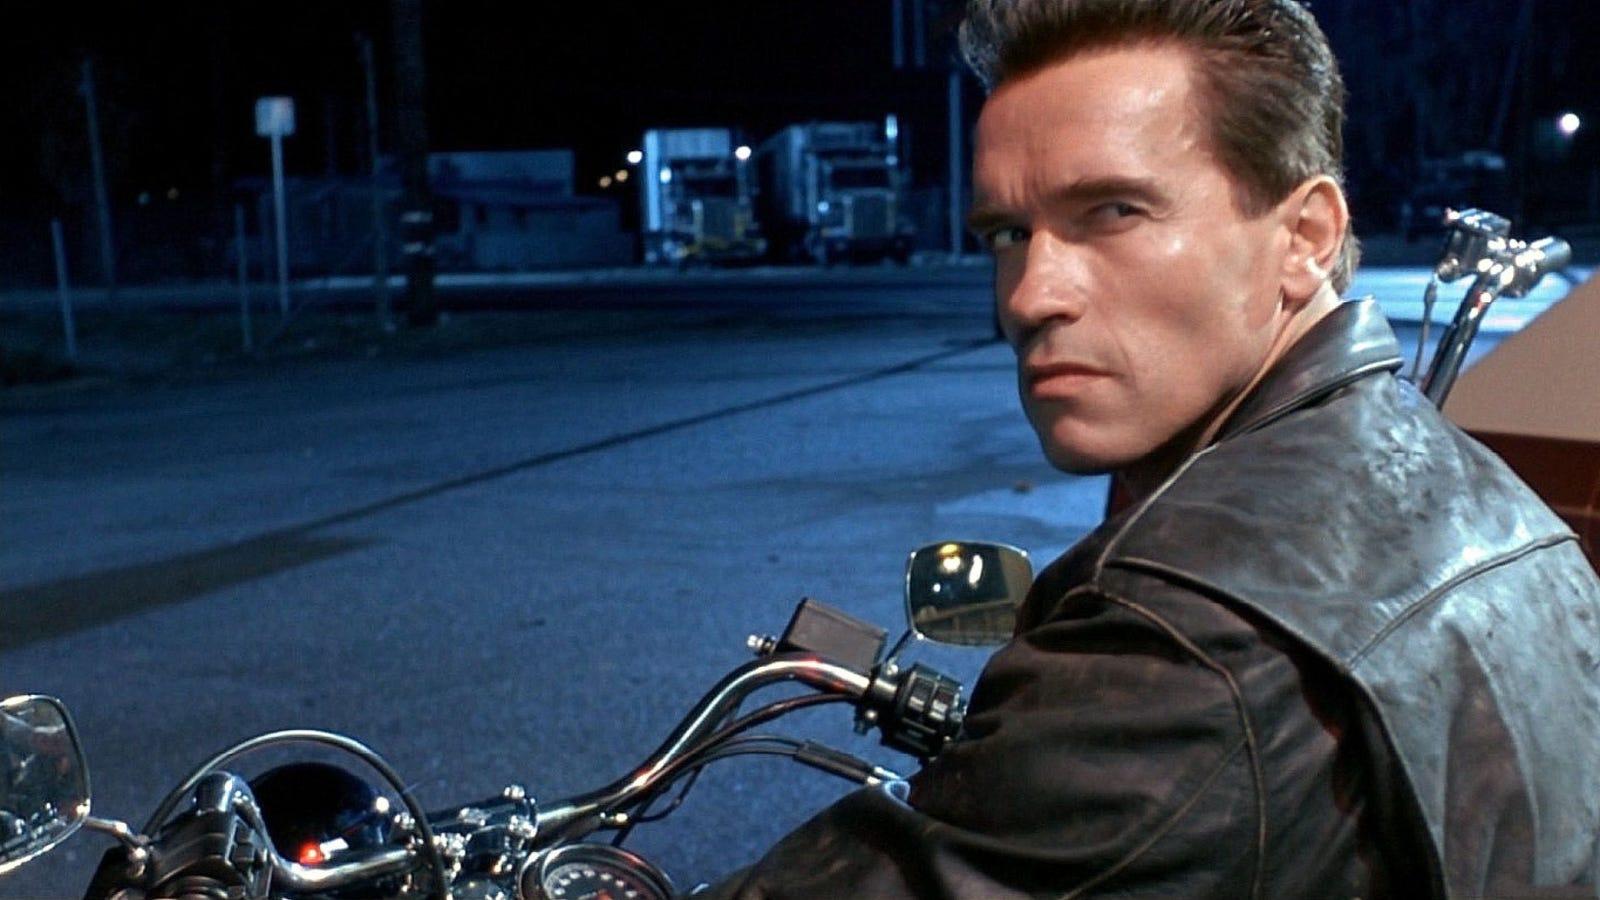 25 curiosidades que quizá desconocías sobre Terminator 2 en su 25 aniversario